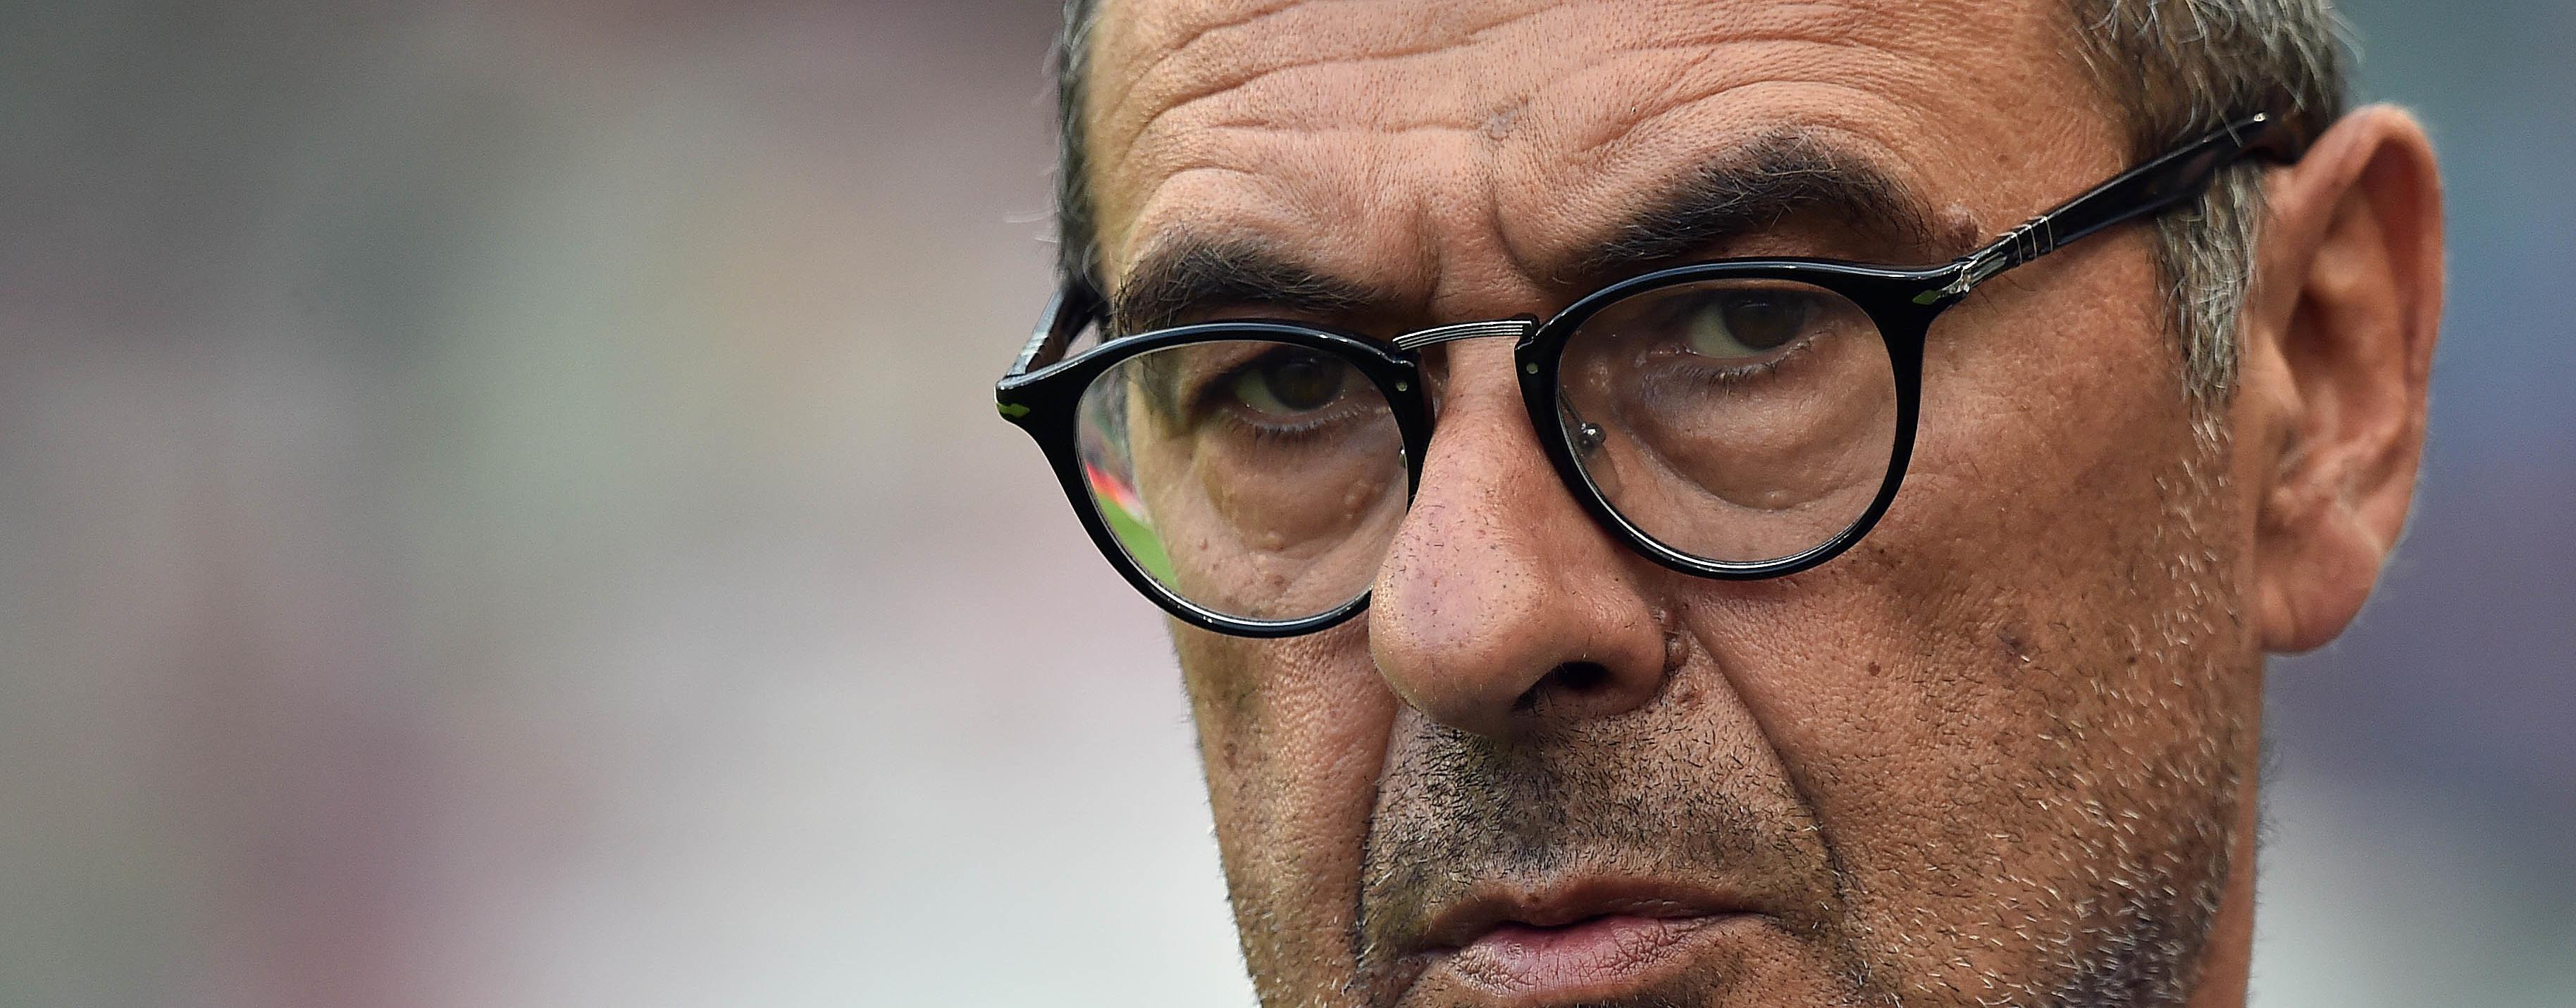 Calciomercato Juventus: dalla grana Higuain all'obiettivo Icardi